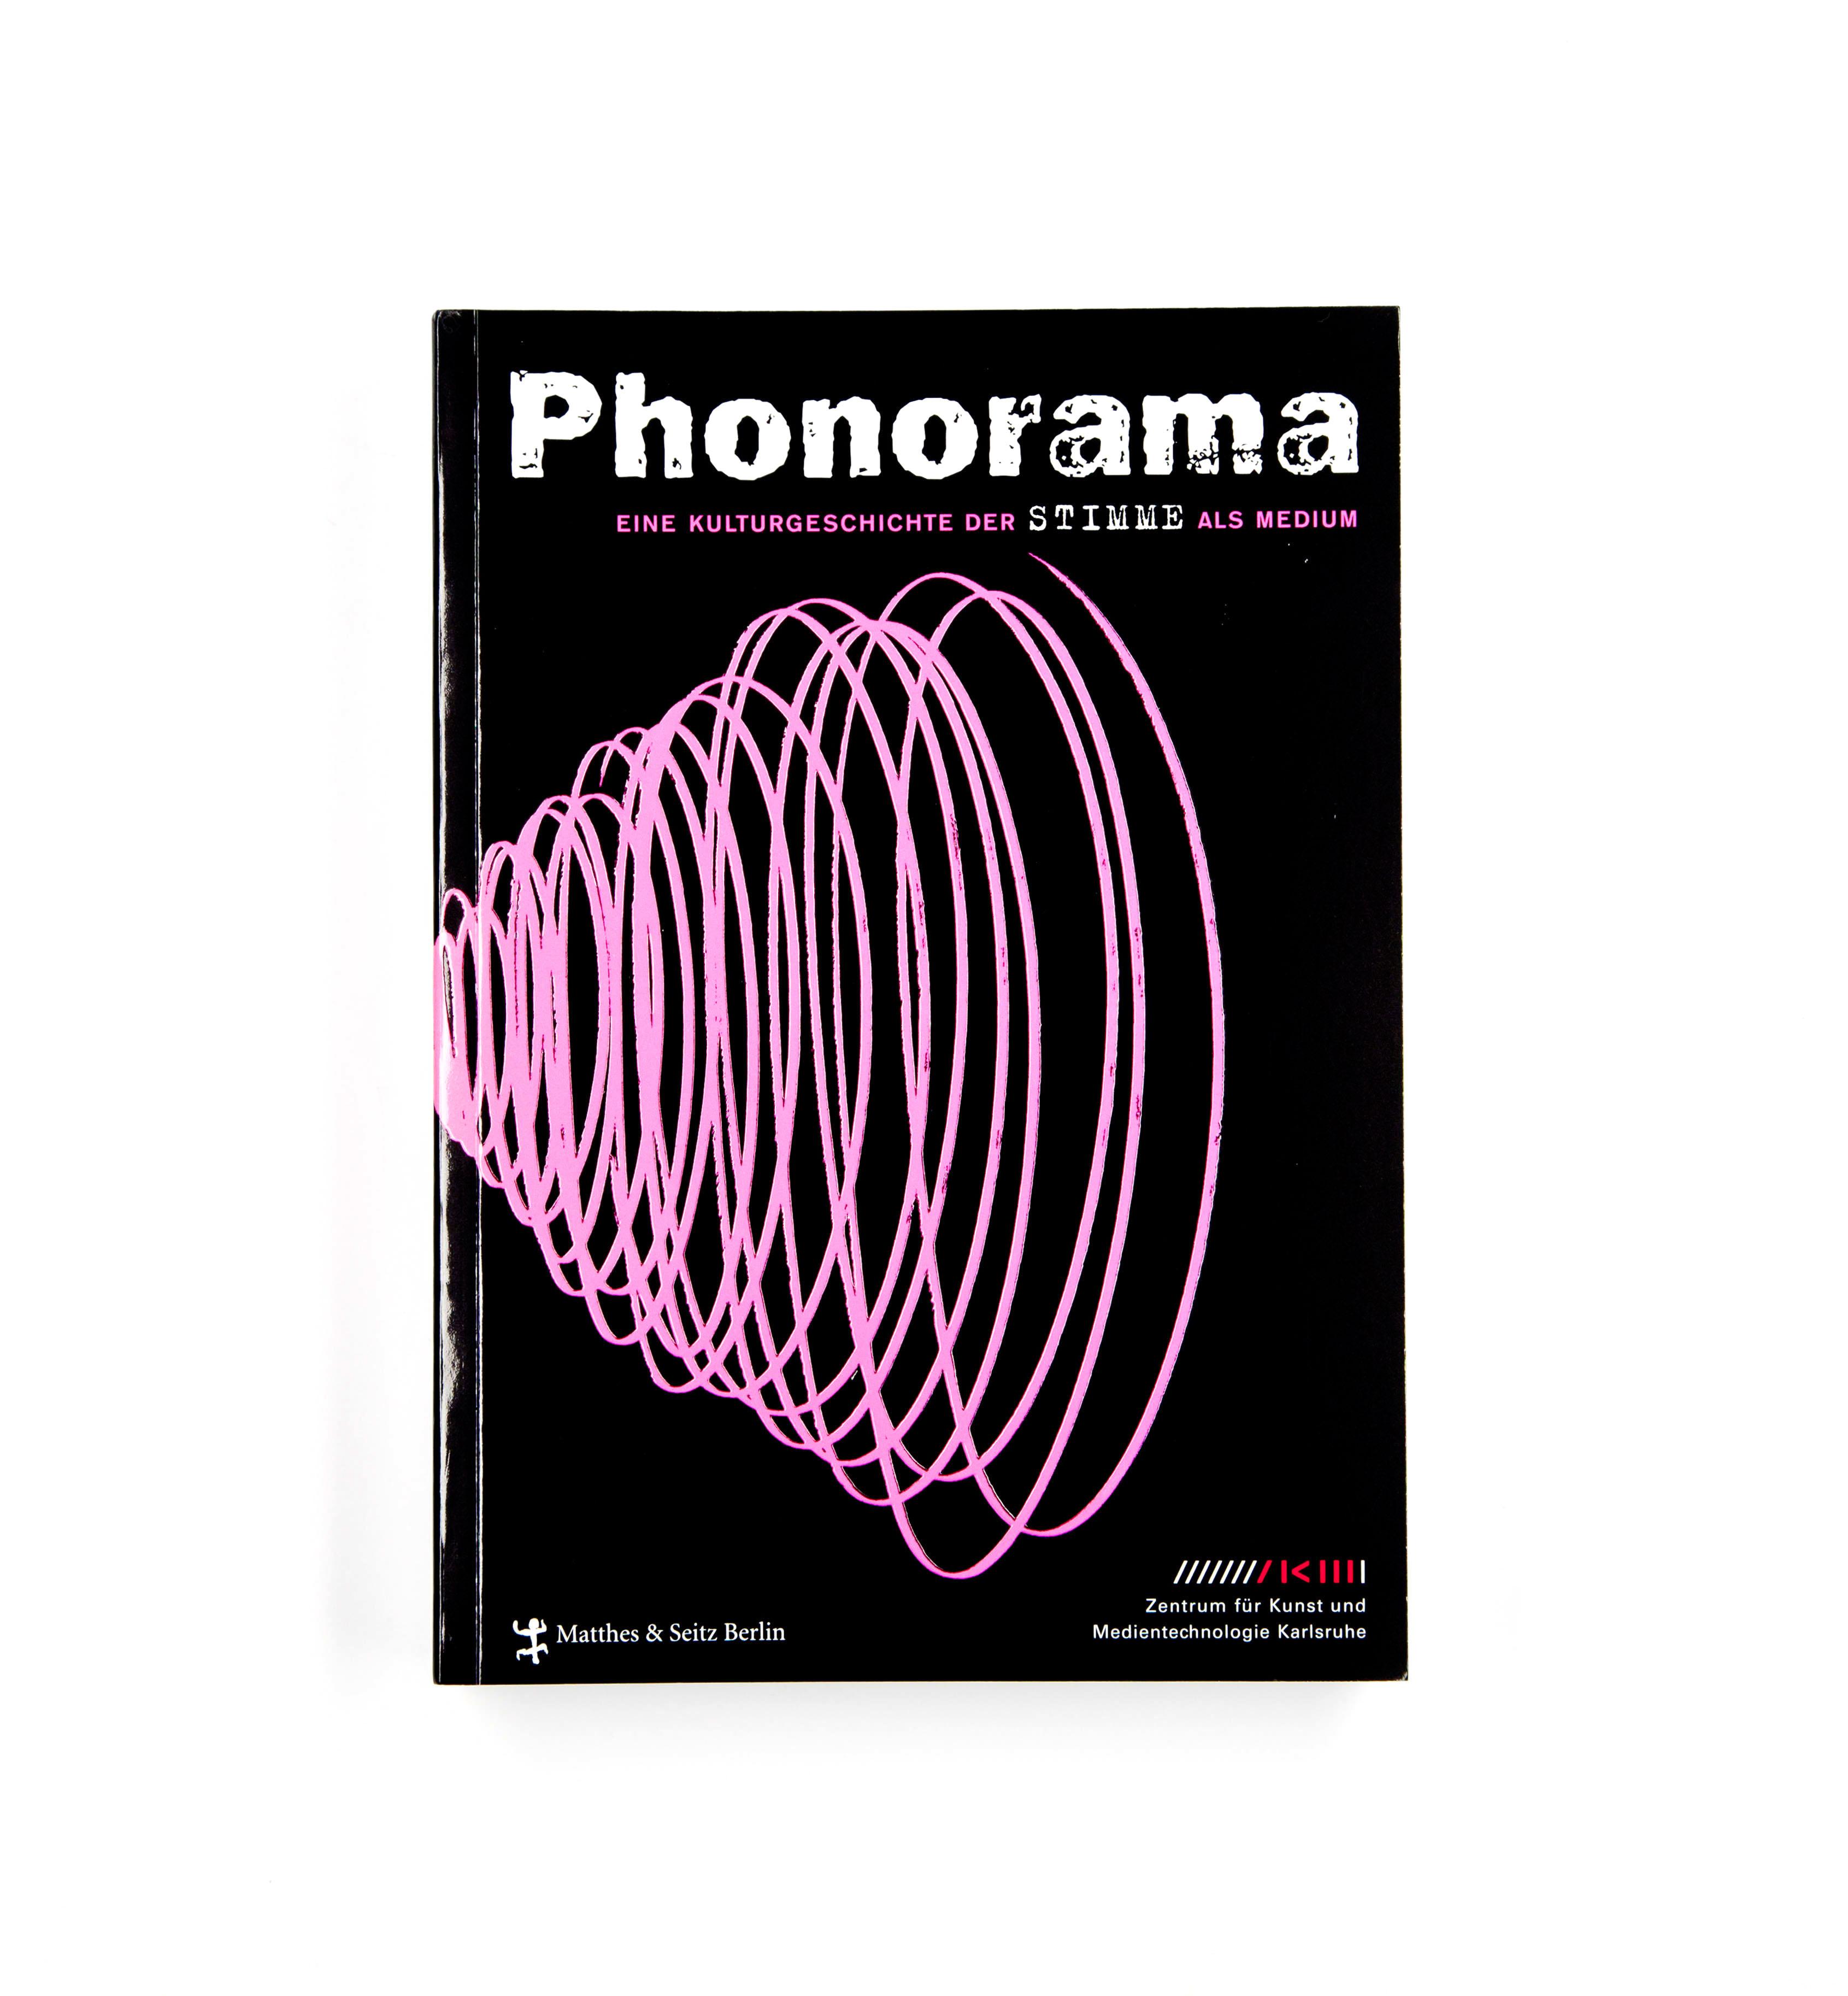 Phonorama. Eine Kulturgeschichte der Stimme als Medium